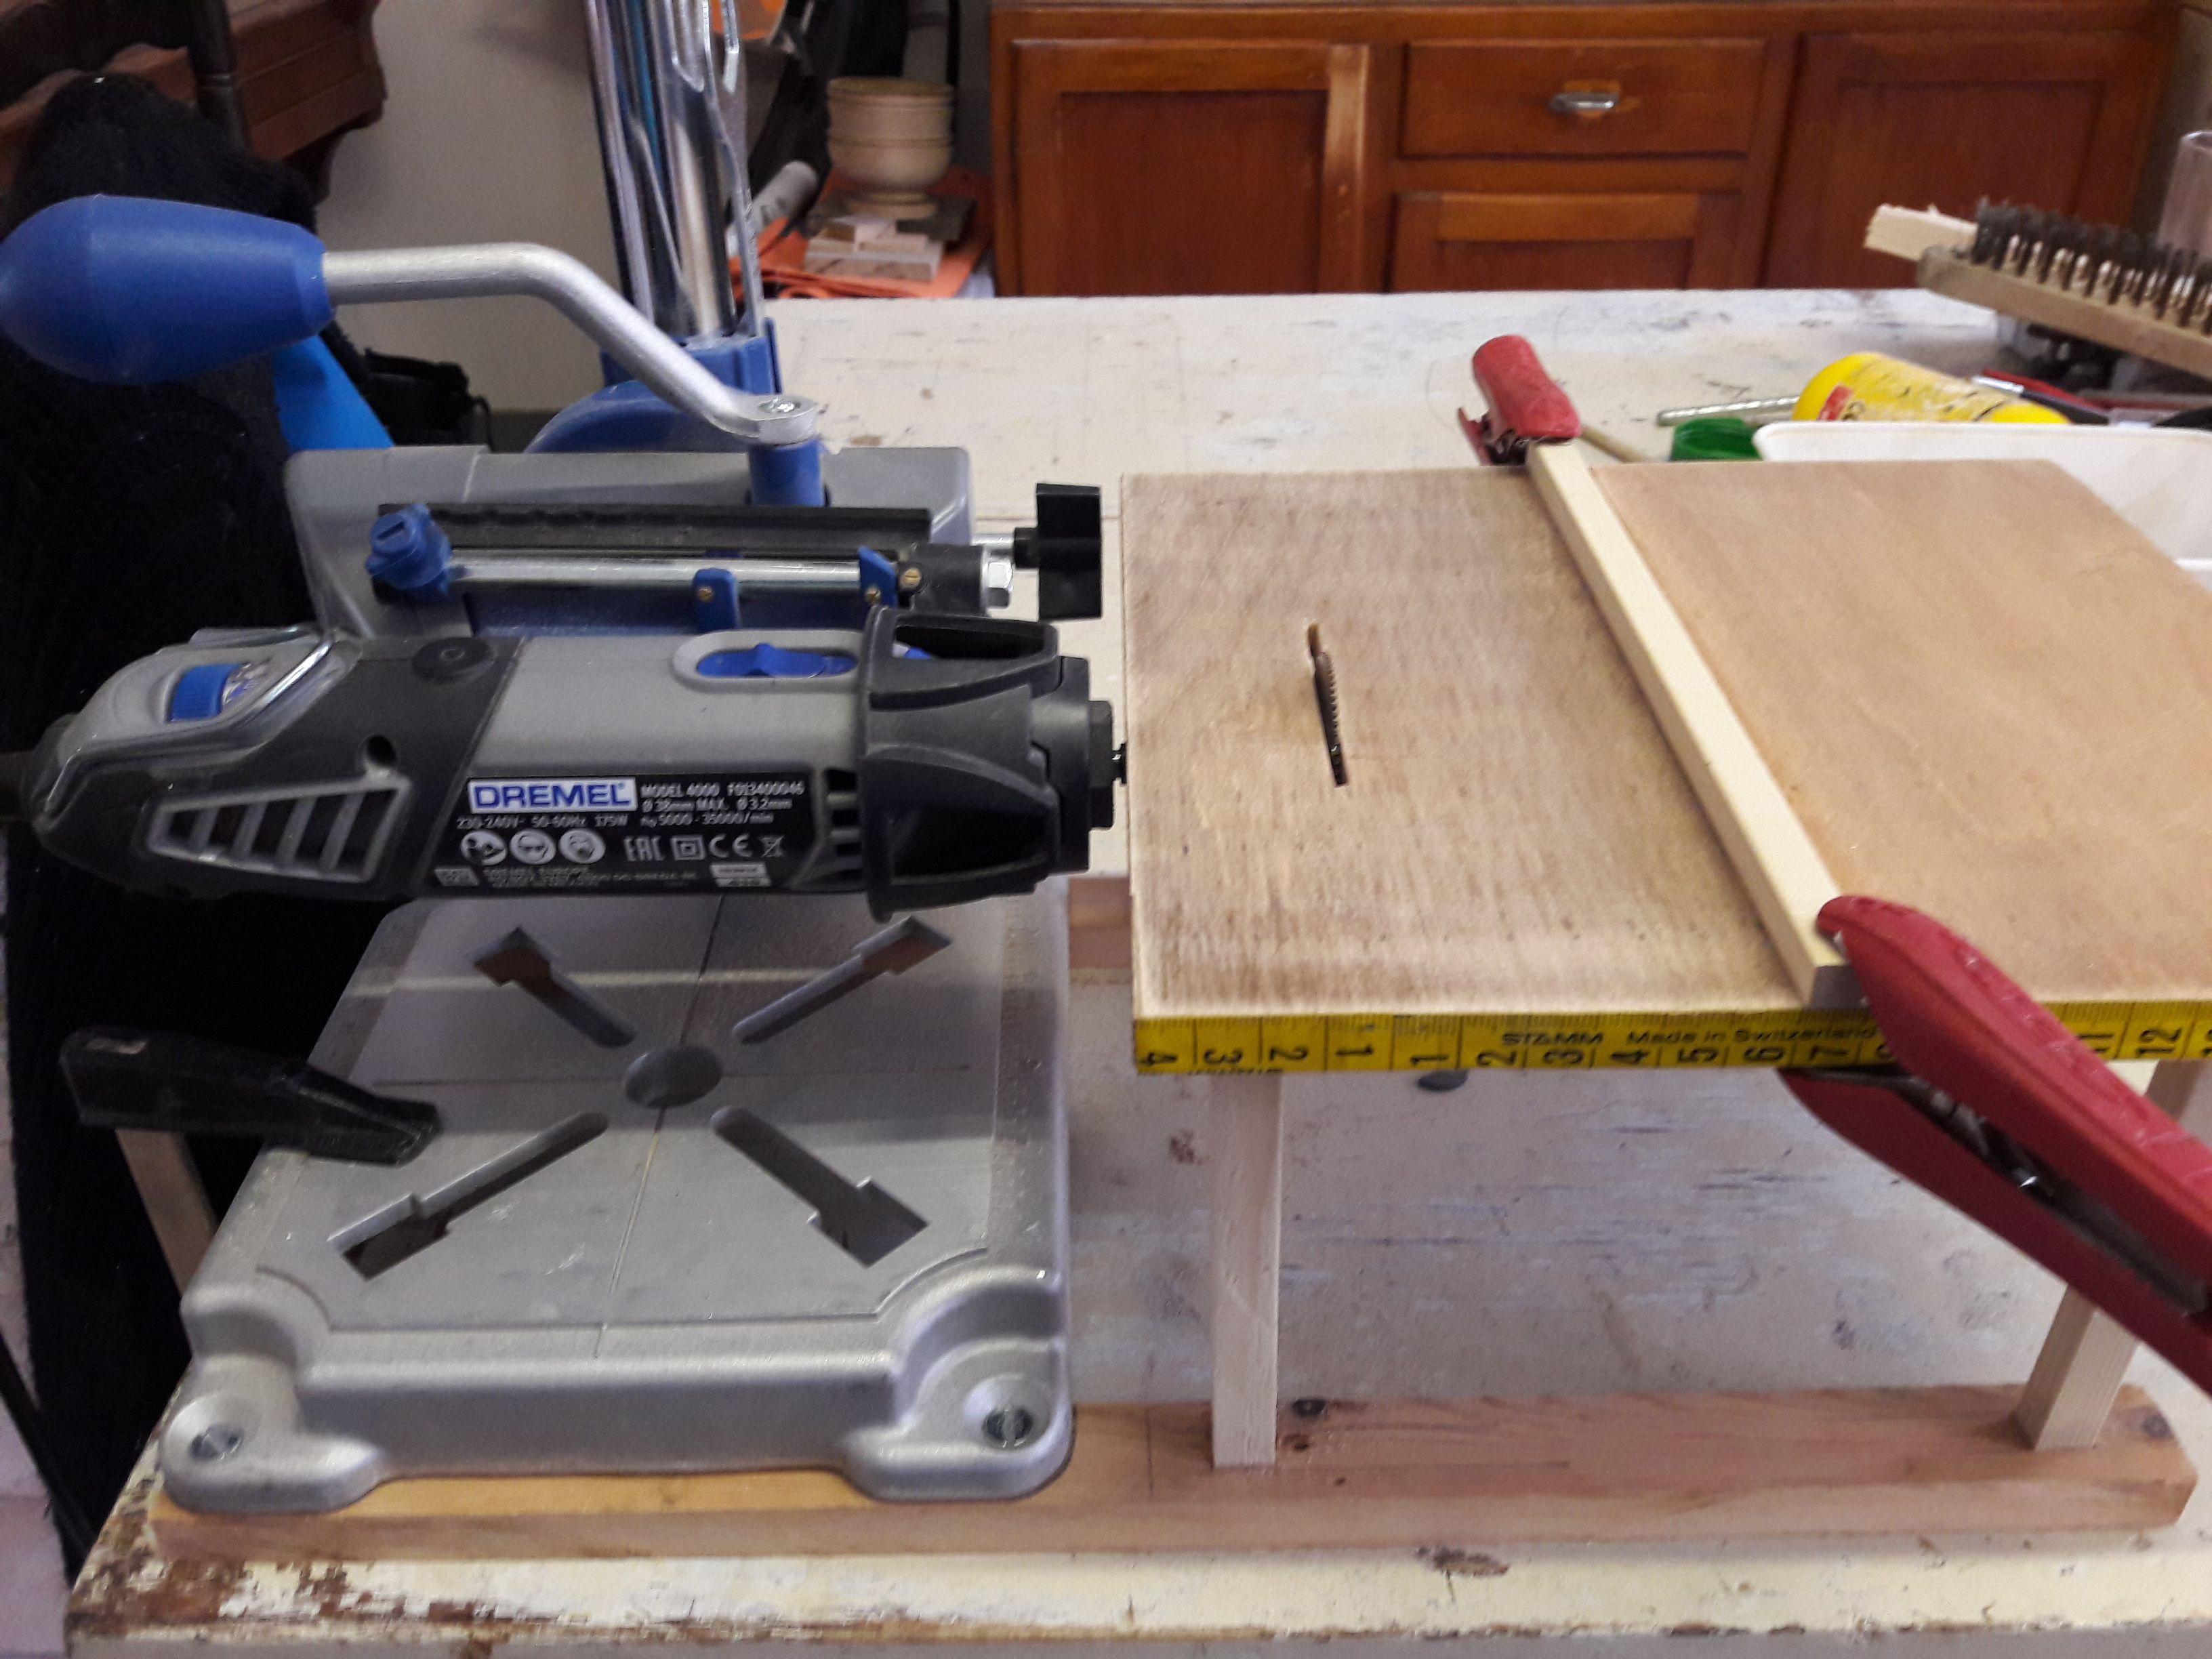 table pour scie circulaire dremel instructions de rotary tool pinterest dremel dremel. Black Bedroom Furniture Sets. Home Design Ideas